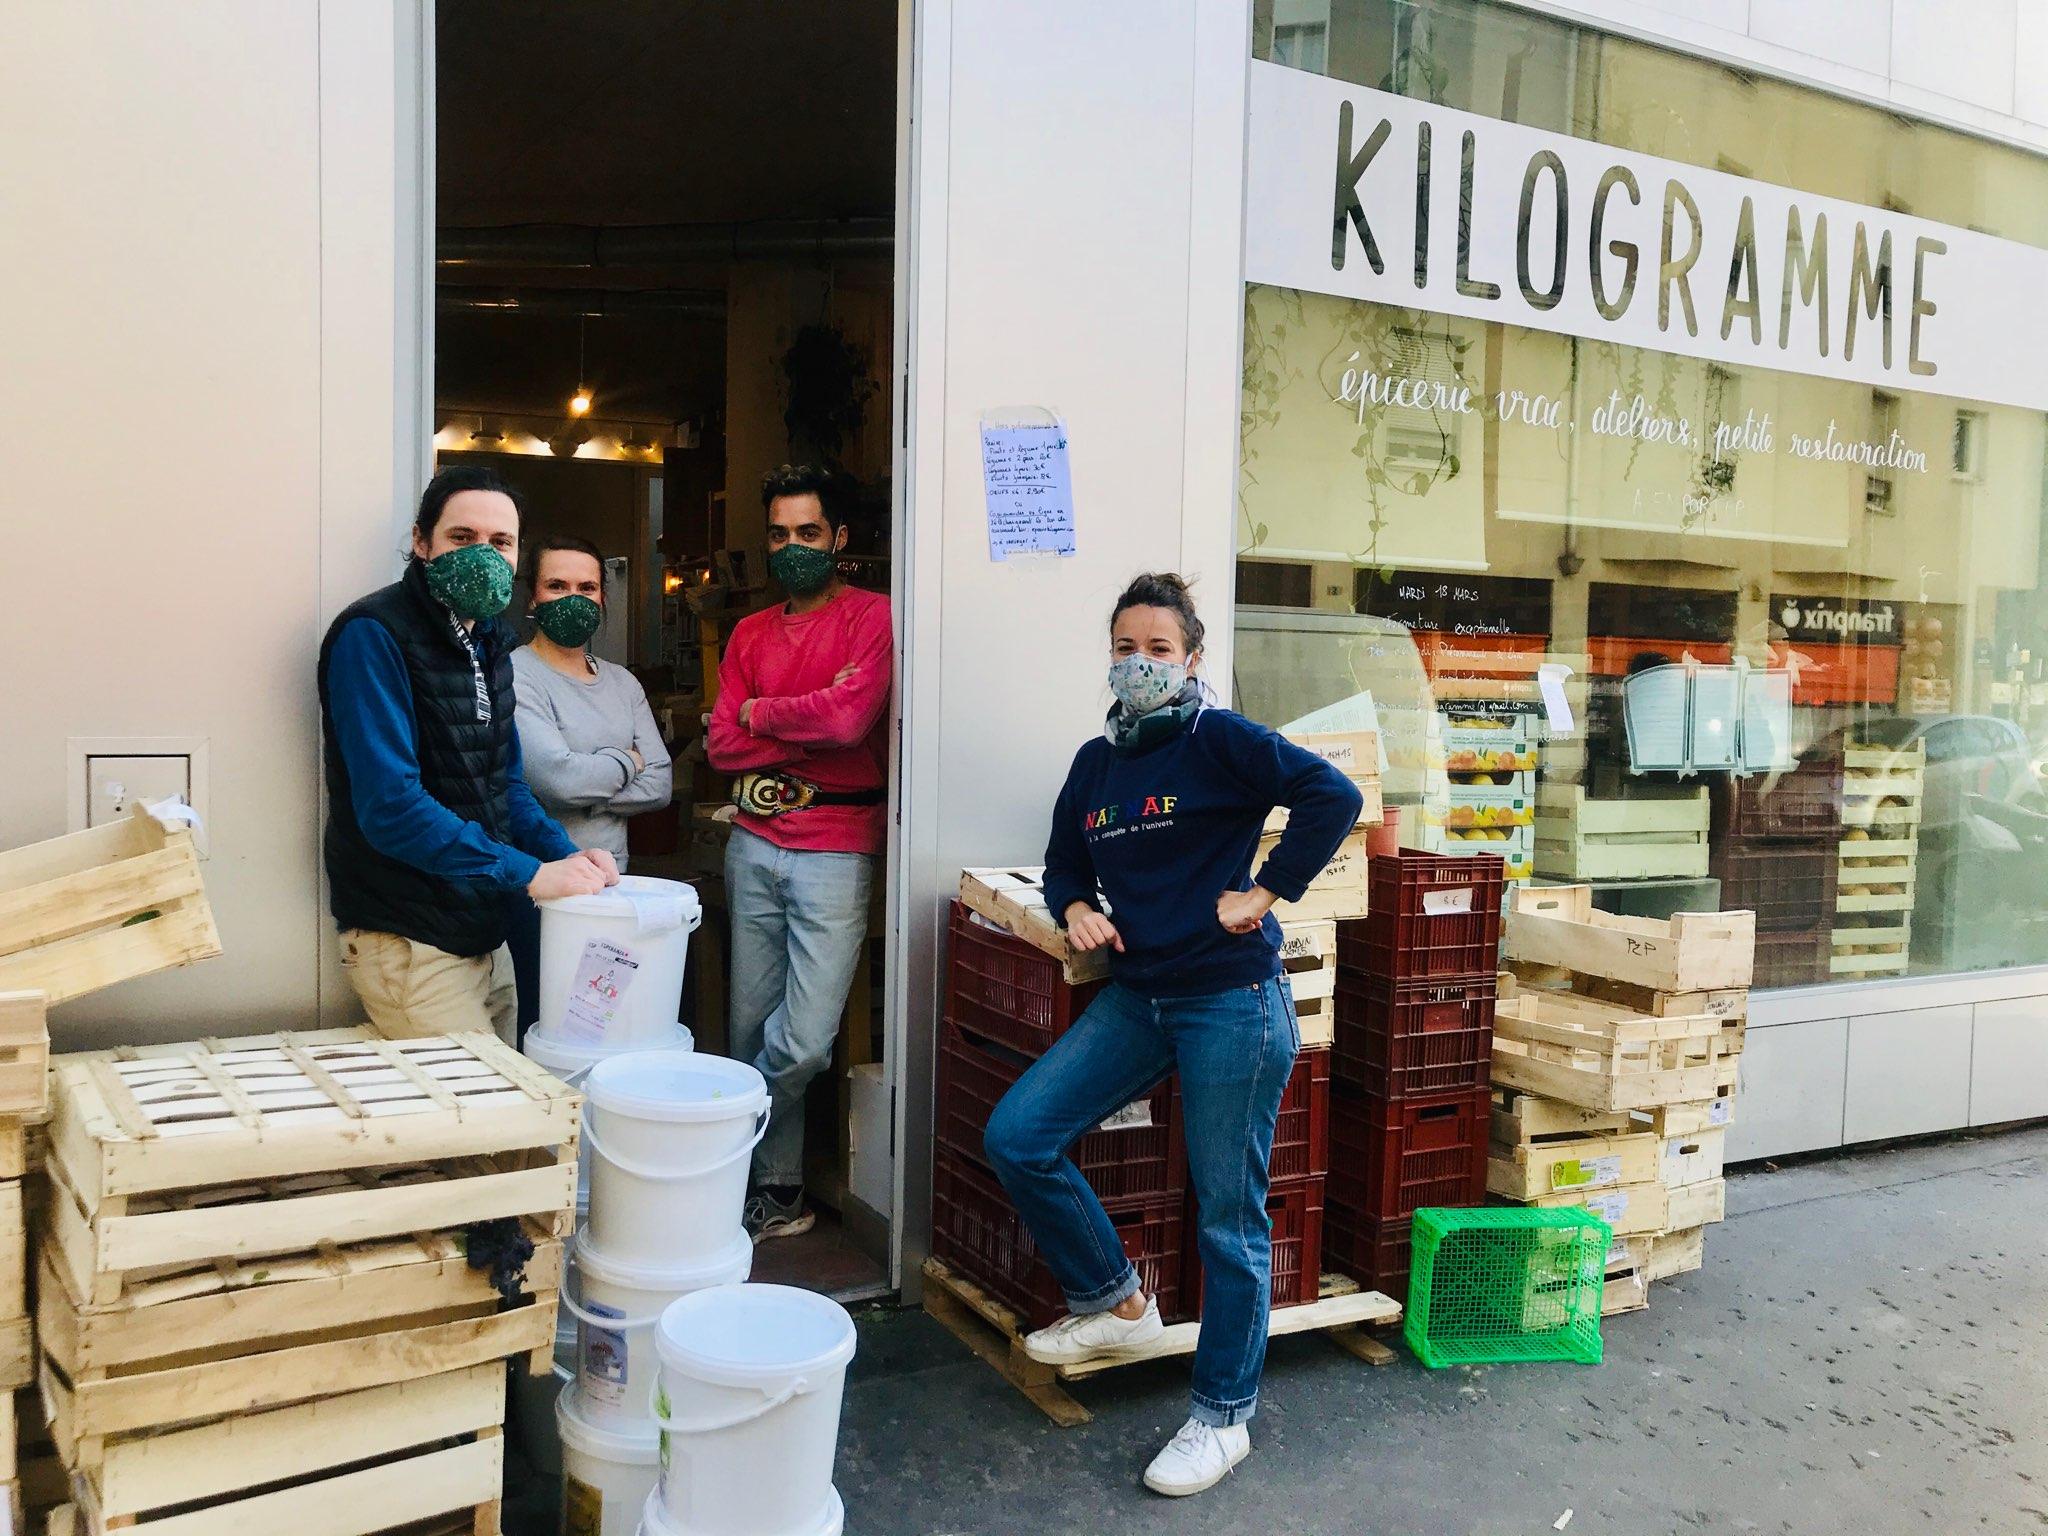 [Coronavirus] Kilogramme transforme son magasin de vrac pour affronter la crise